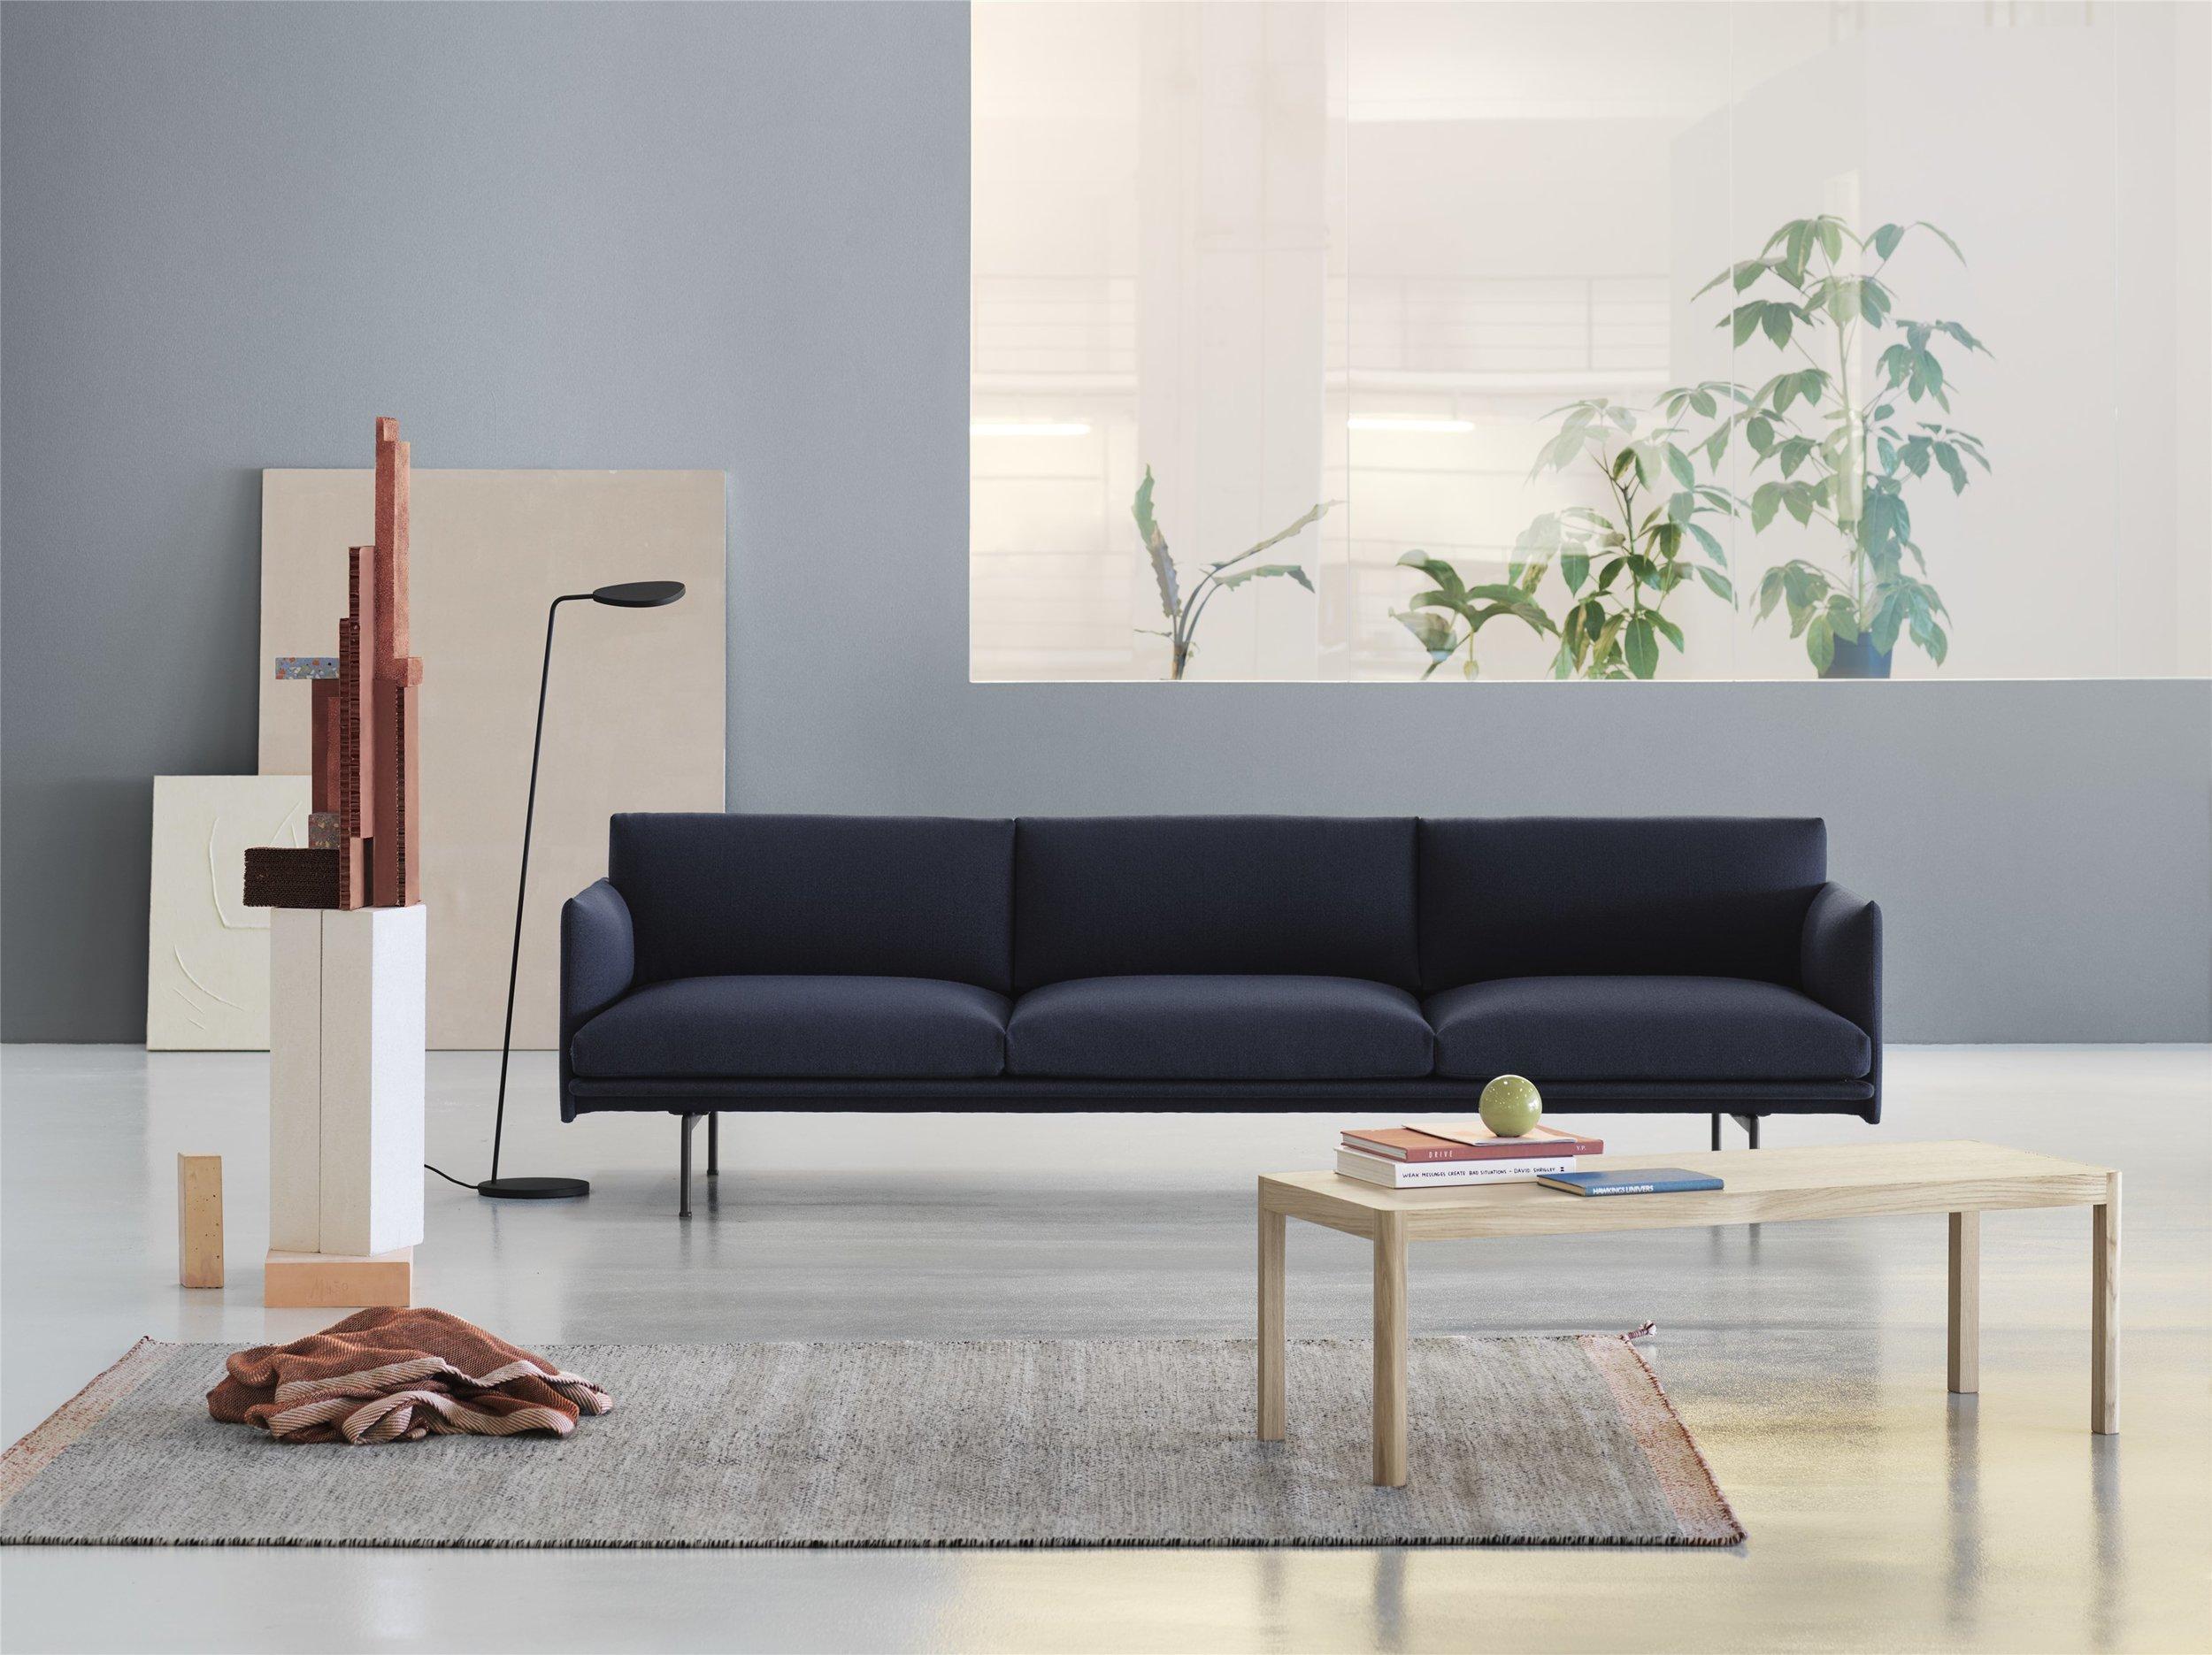 Outline-3-5-Seater-Vidar-554-Workshop-Coffee-Table-Oak-Ply-Sway-Leaf-Floor-Lamp-Landscape-Org.jpg